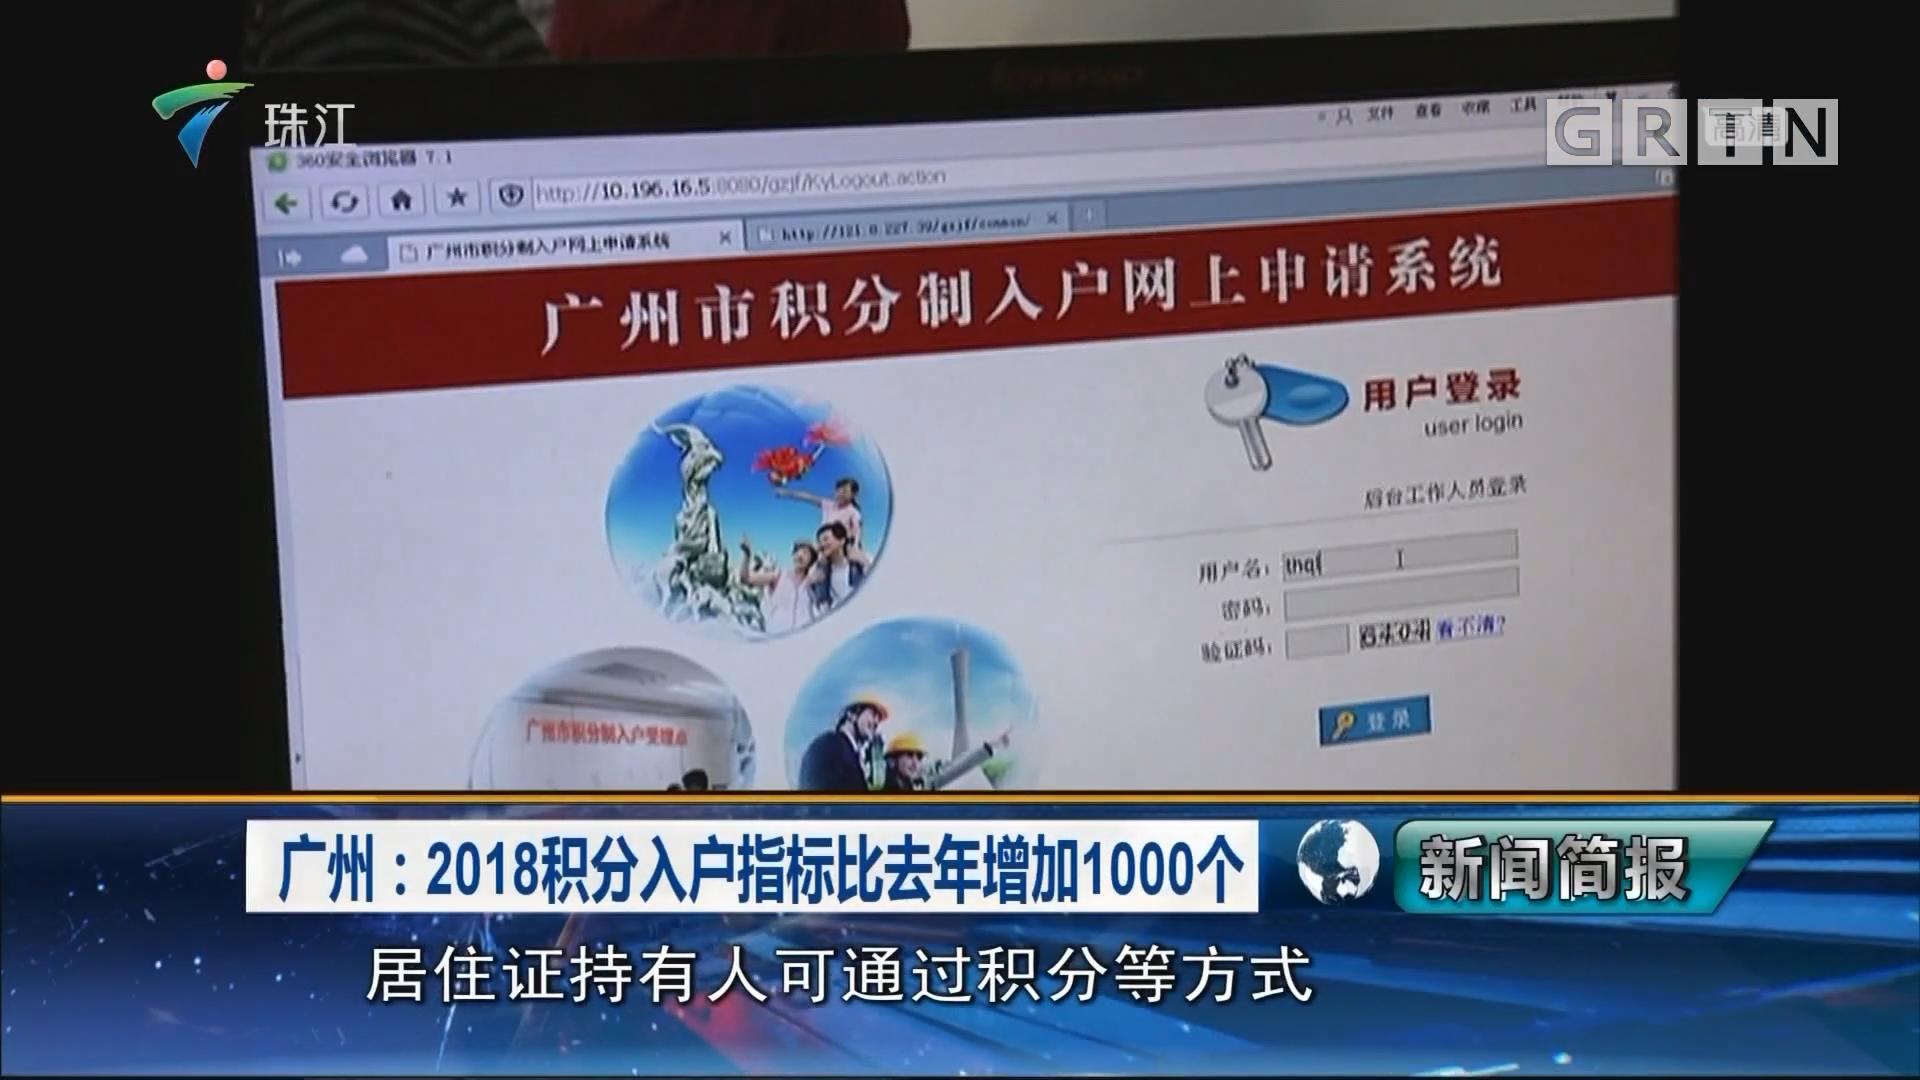 广州:2018积分入户指标比去年增加1000个